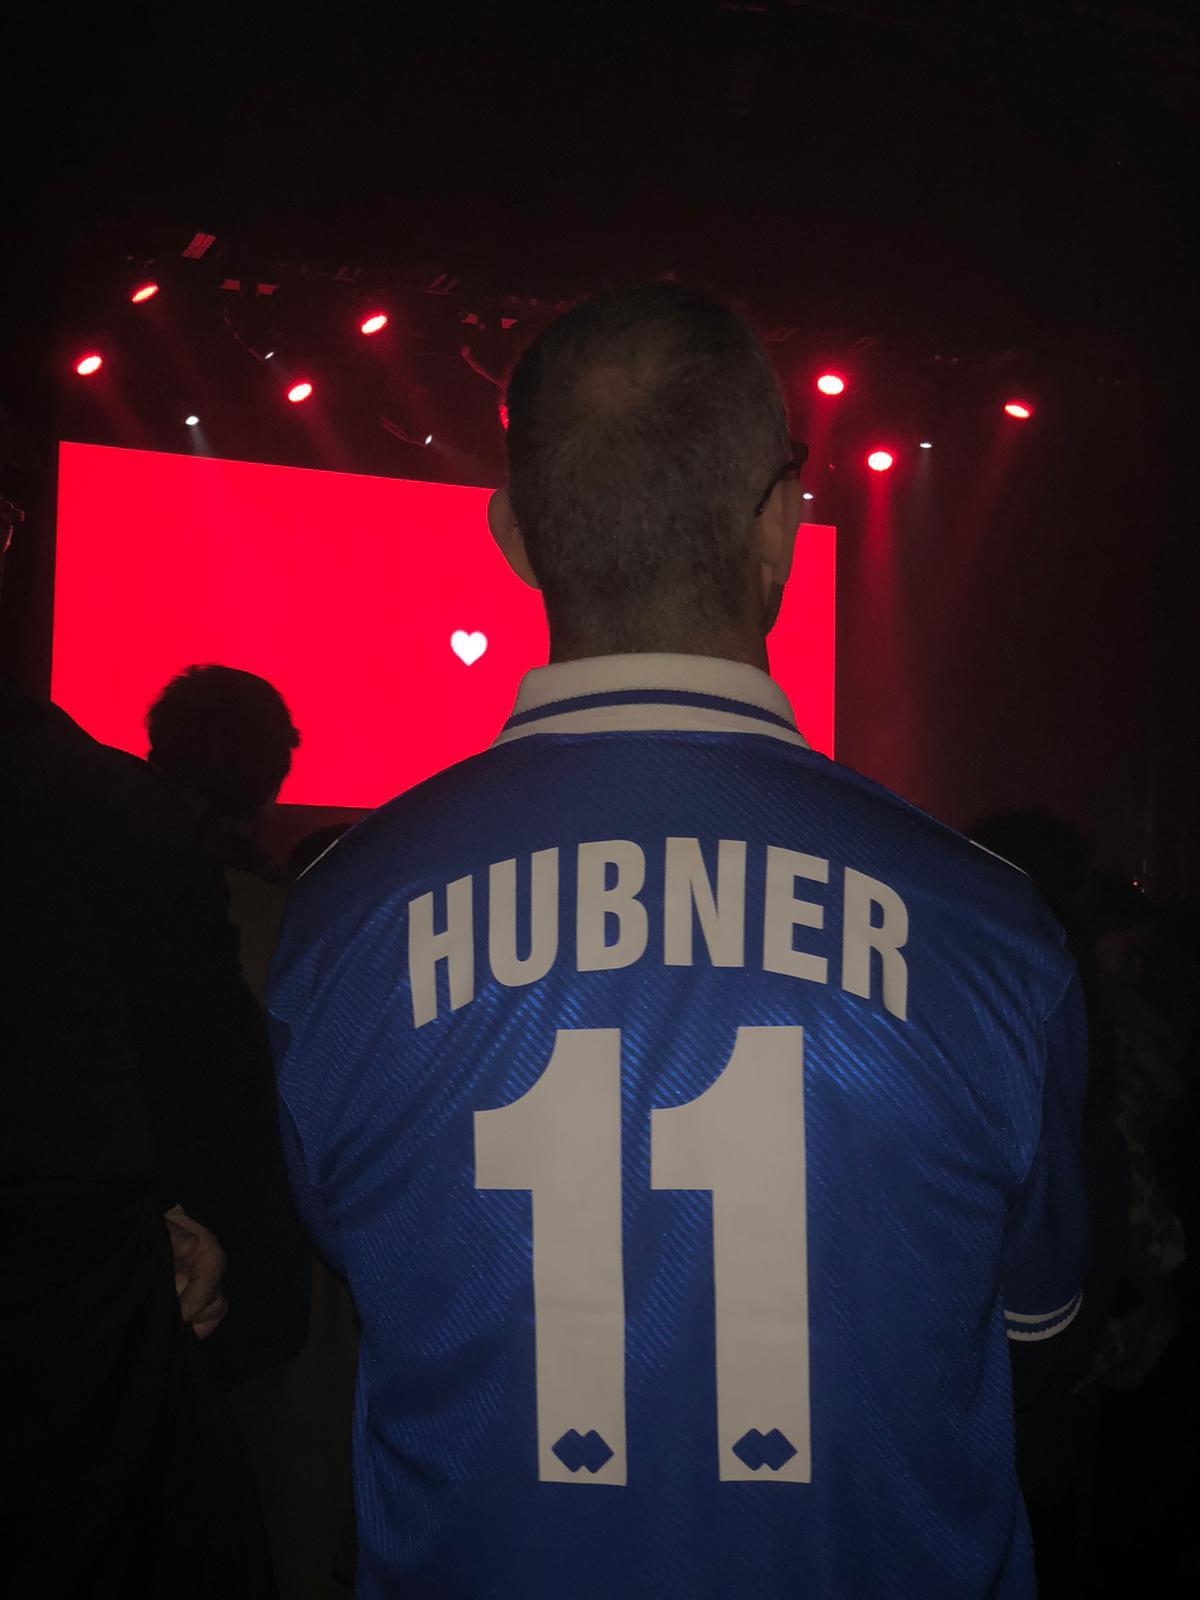 Un fan di Calcutta al suo concerto parigino indossa una maglia di Hübner